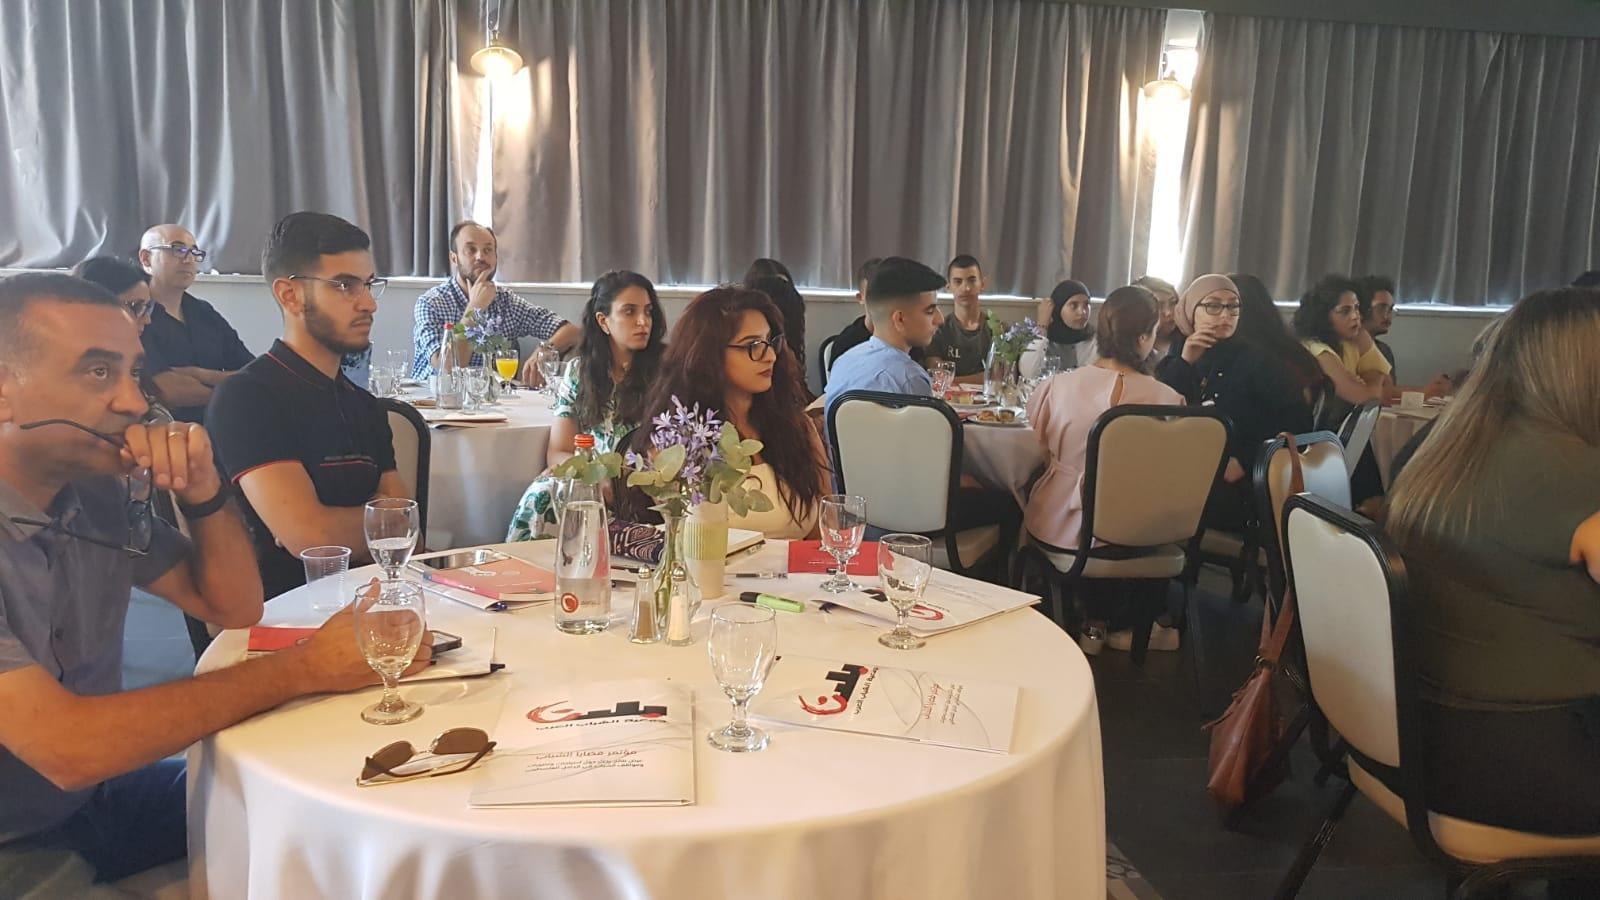 """مؤتمر """"بلدنا"""": 72% من الشباب يرون أنفسهم جزءًامن الشعب الفلسطيني"""